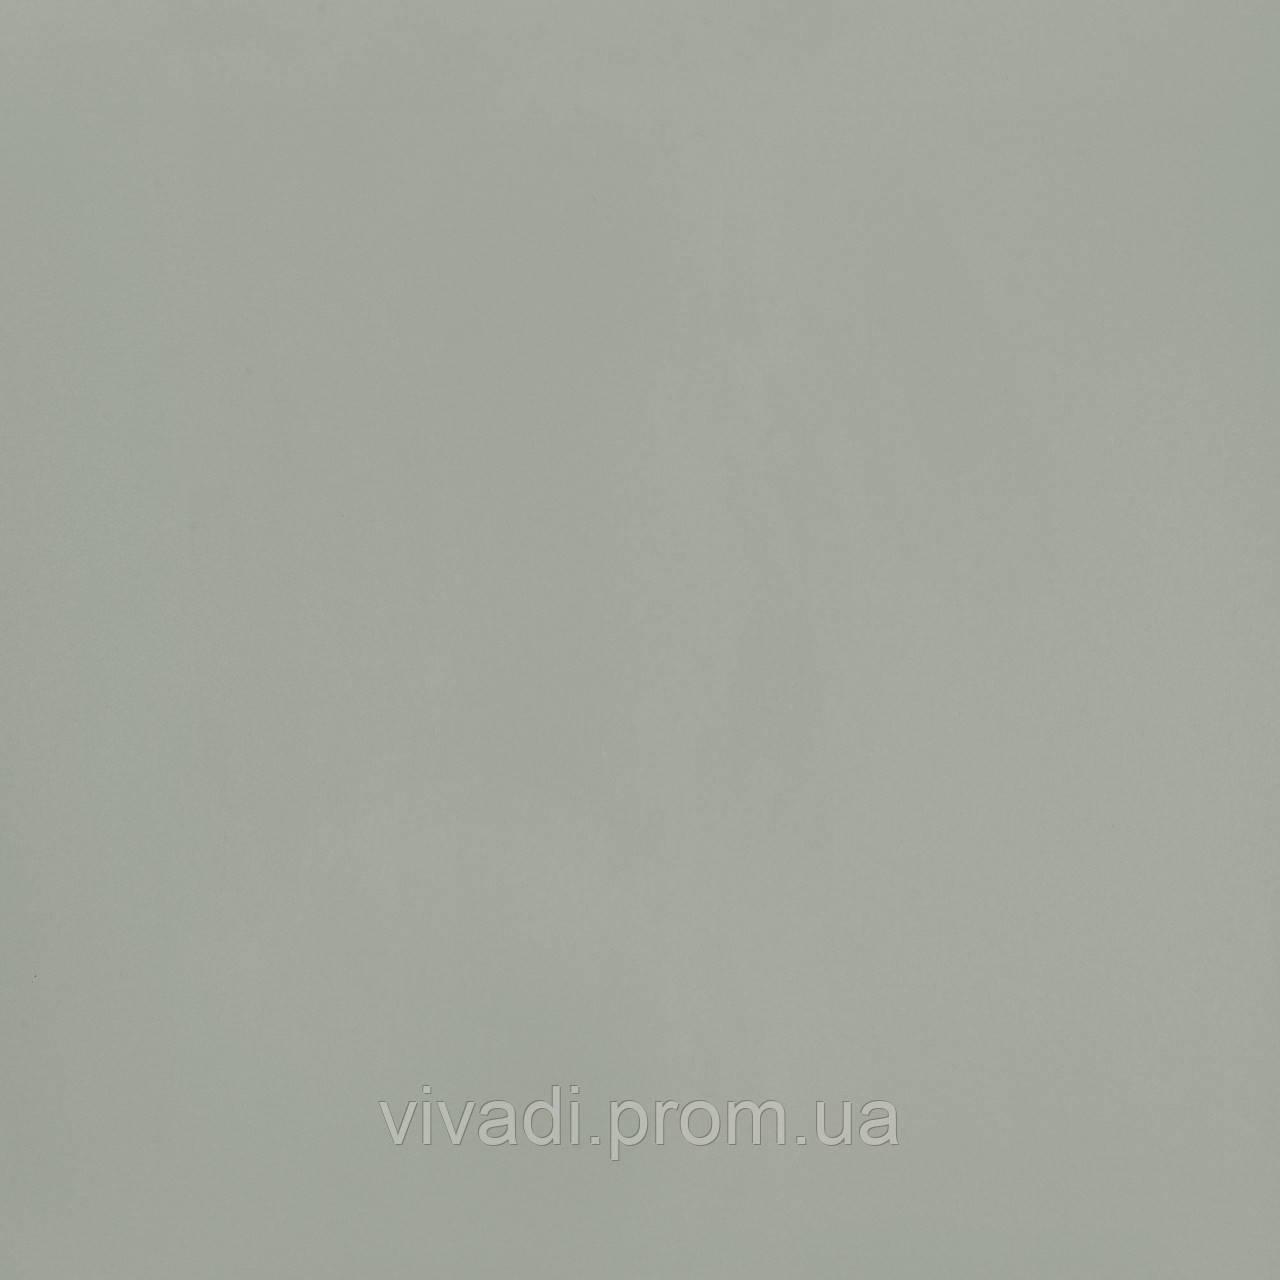 Натуральний лінолеум Uni Walton LPX - колір 101-087